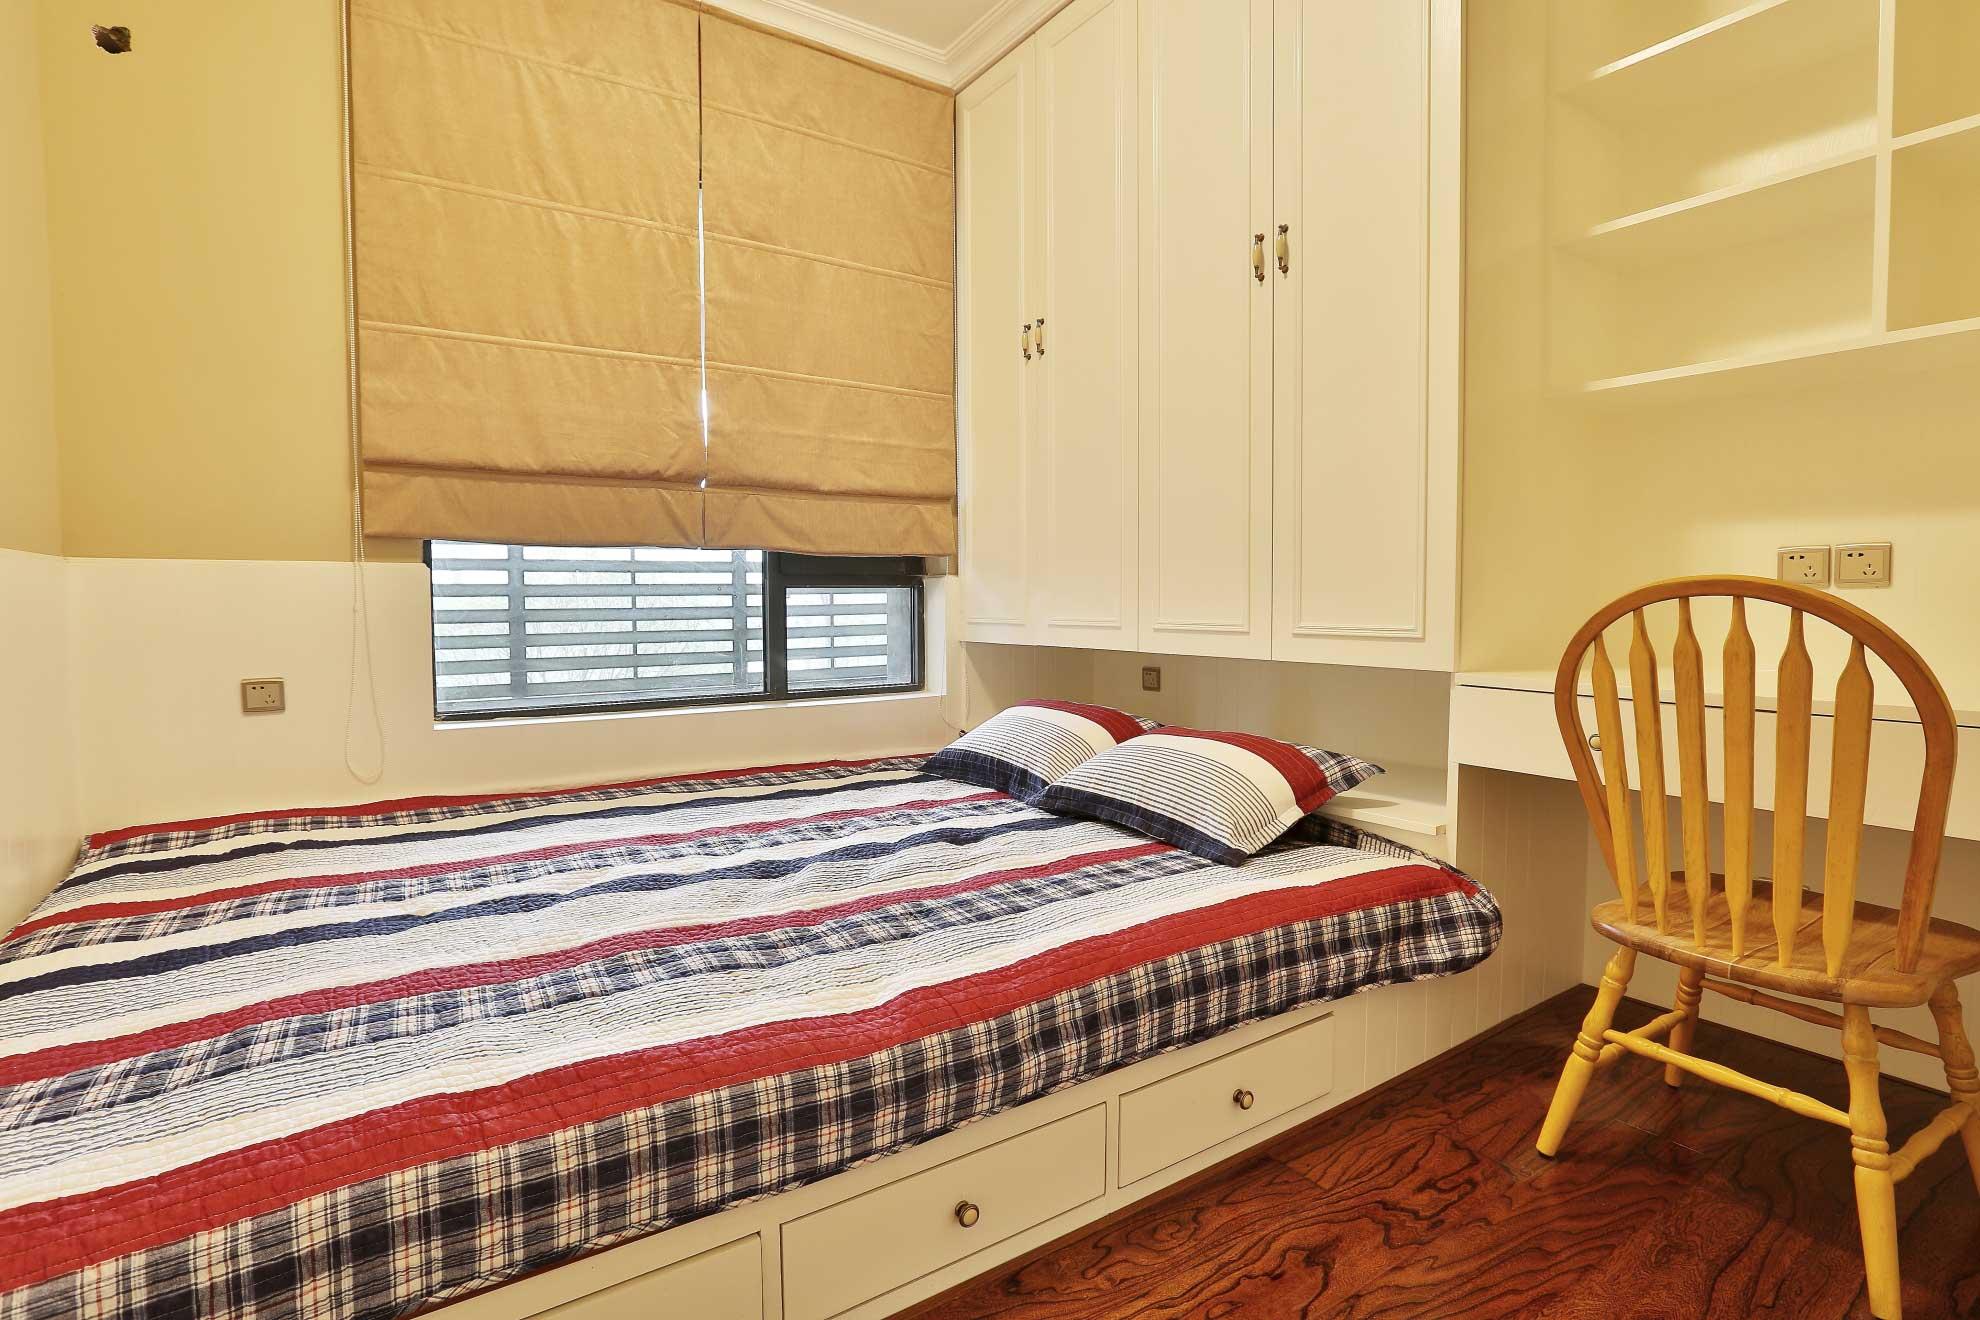 大户型美式乡村风格装修榻榻米卧室设计图